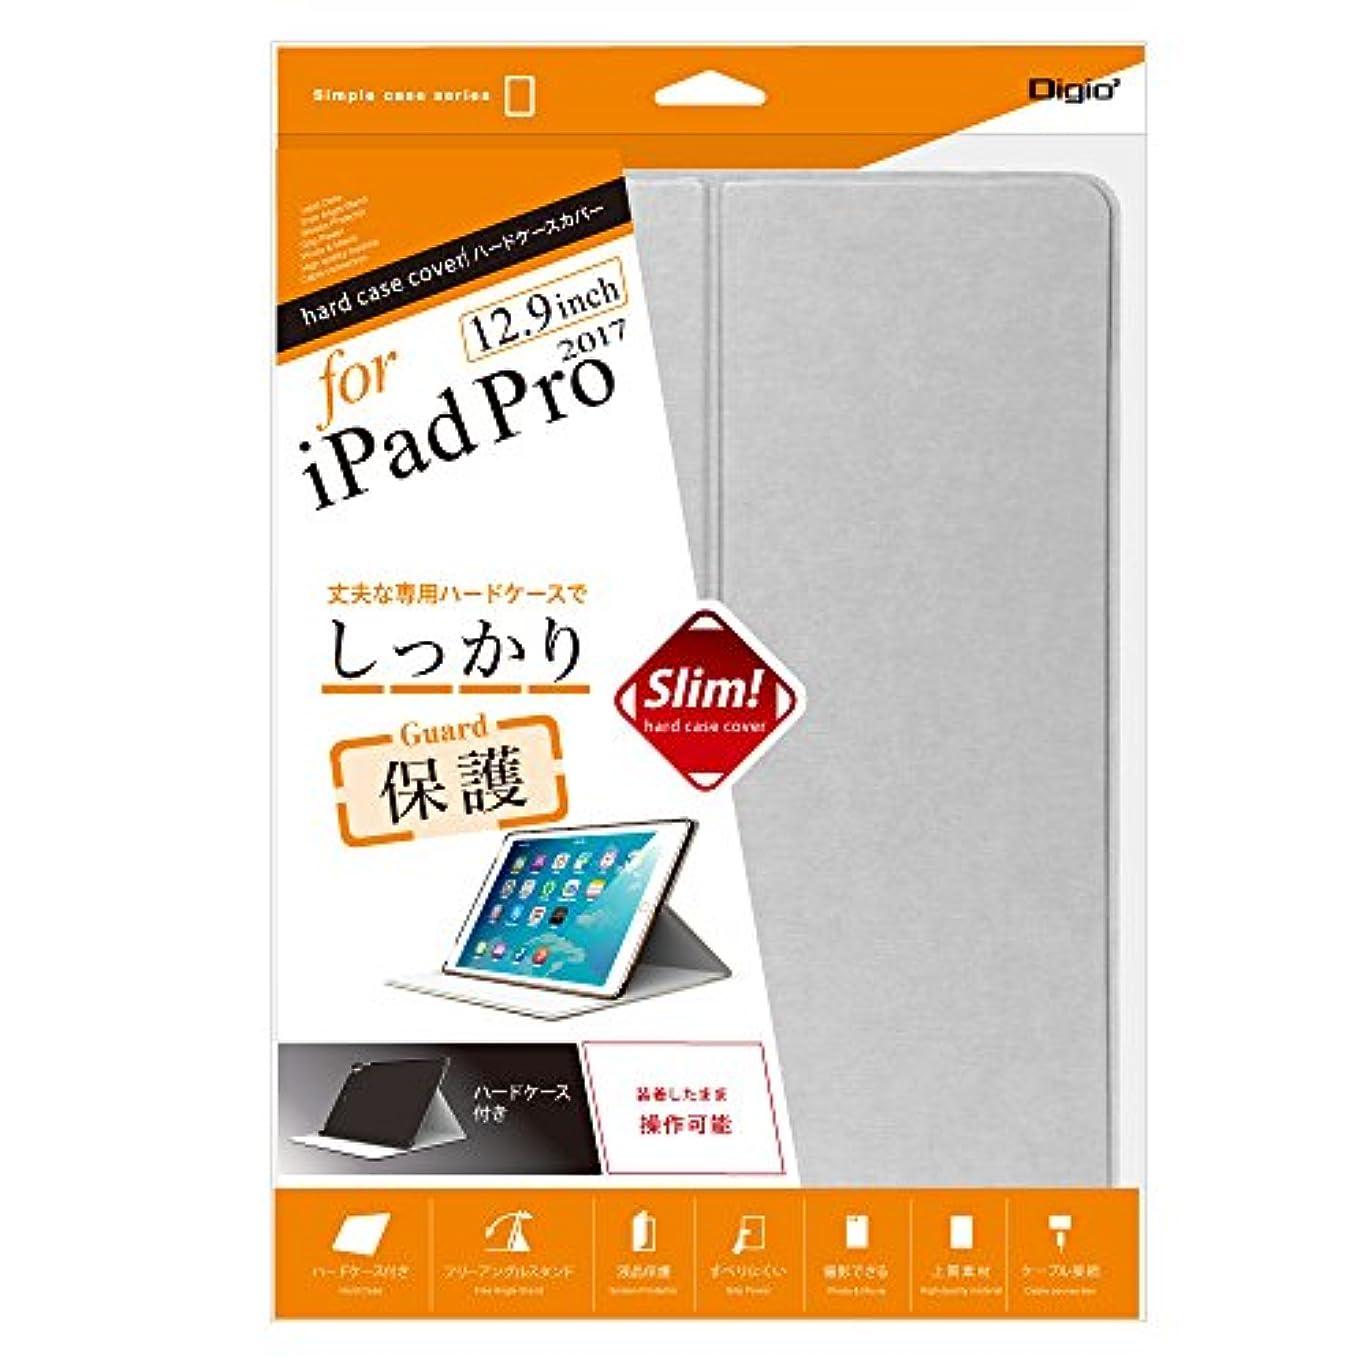 ぶどう基礎独裁iPad Pro 12.9インチ 2017 用 ハードケースカバー シルバー TBC-IPP1717SL